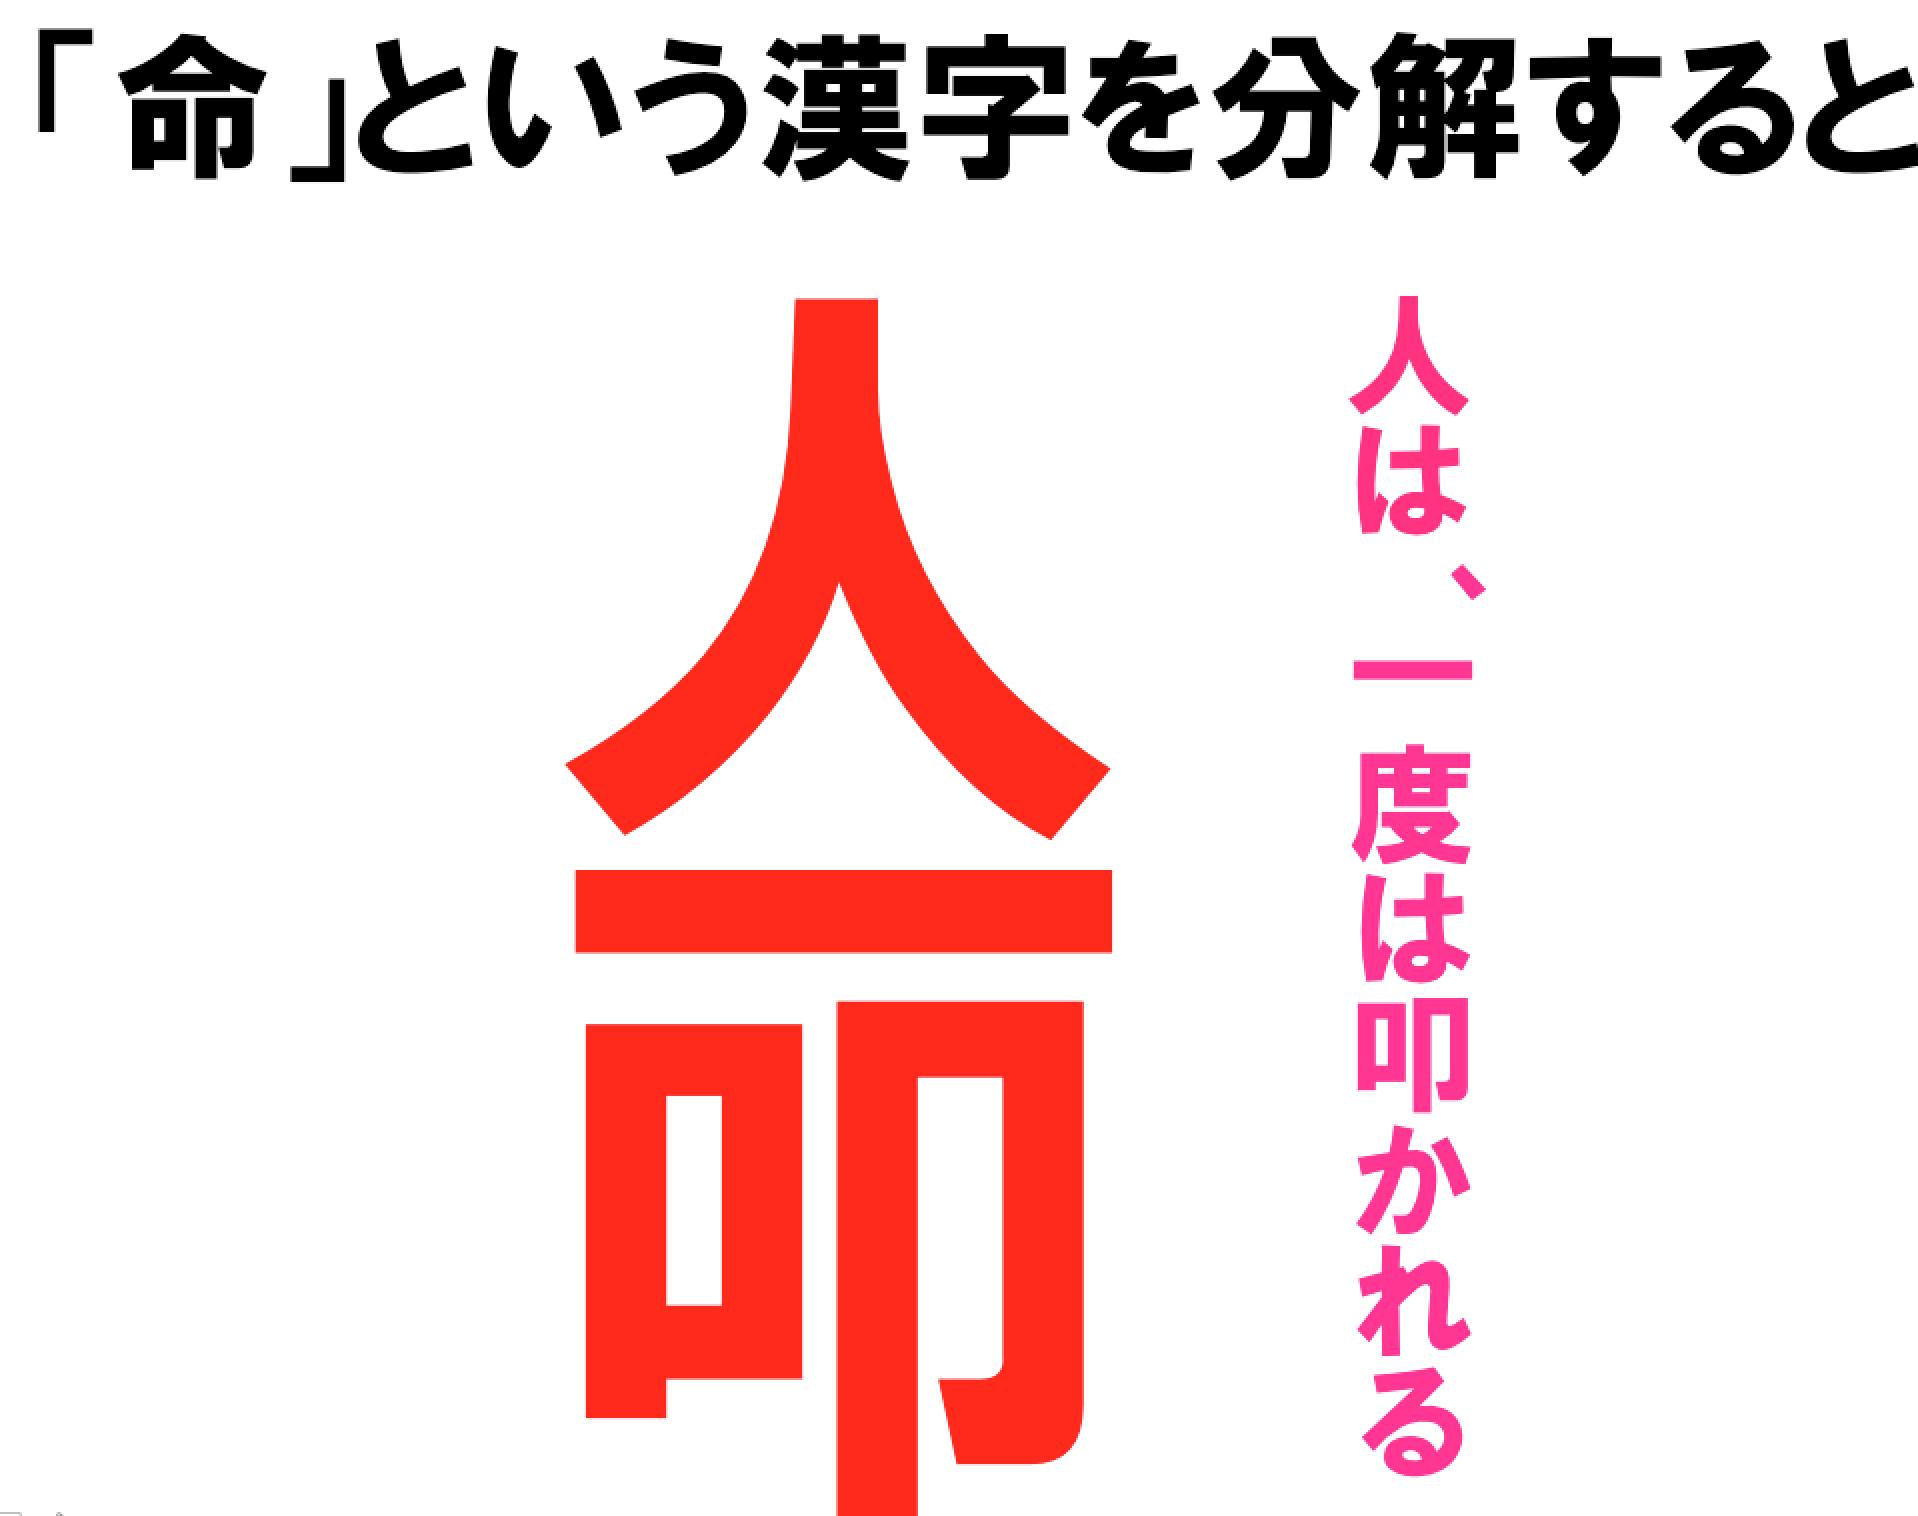 民生委員児童委員研修会で漢字ネタのオンパレード